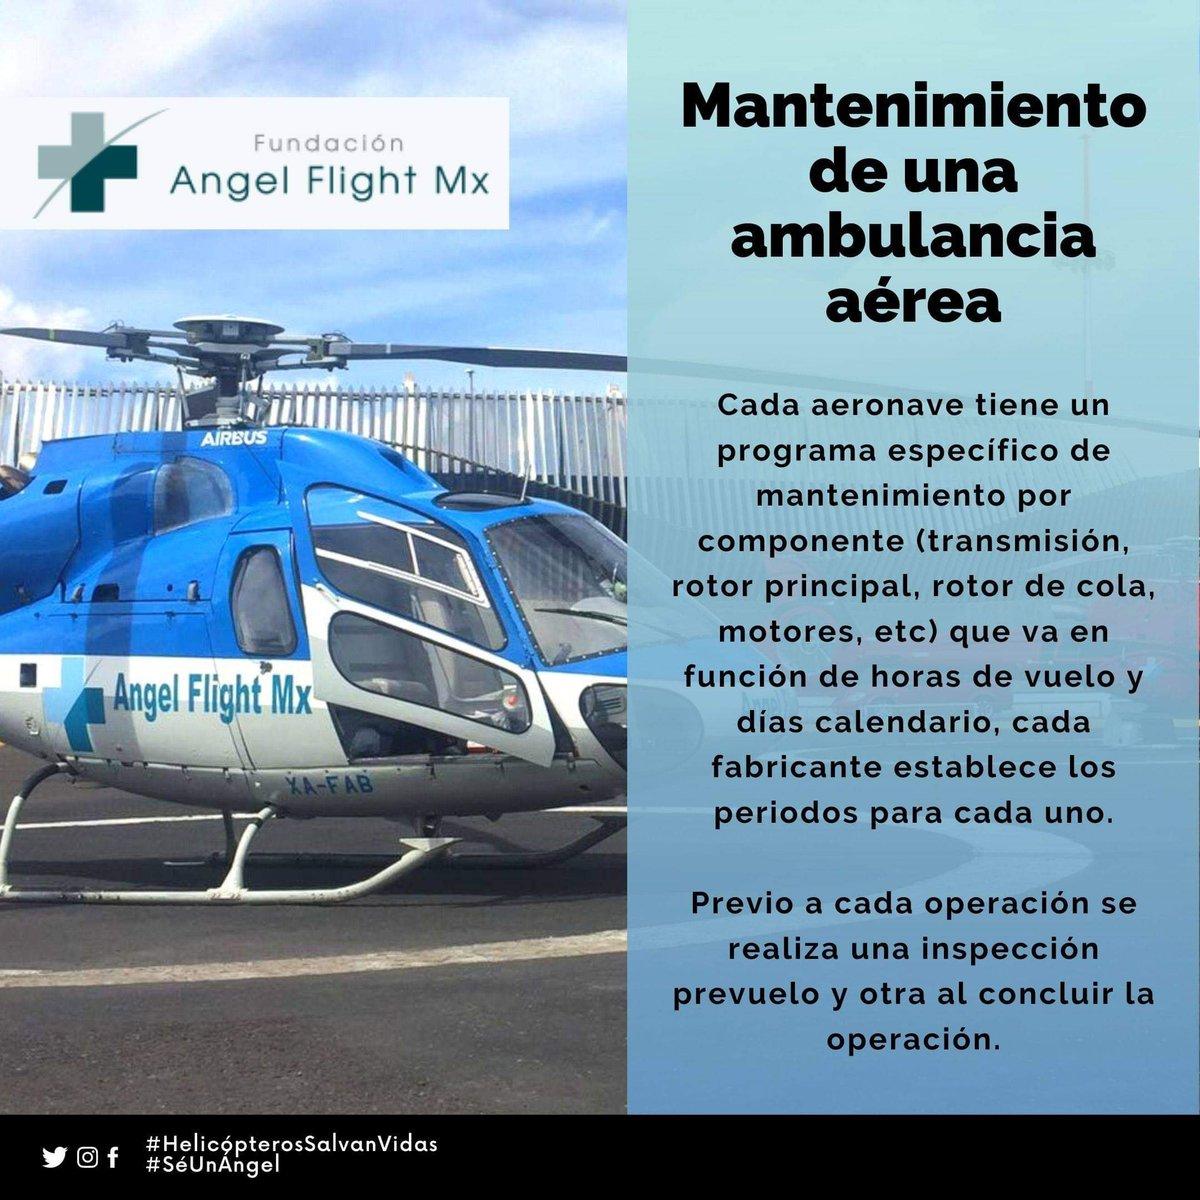 La seguridad en el traslado y salvar tu vida es lo más importante para nosotros, por ello mantenemos en constante mantenimiento nuestra aeronave para así lograr nuestro cometido.  #SéUnÁngel #HelicópterosSalvanVidas  #Helicóptero  #Cuídate https://t.co/USBideq8KG